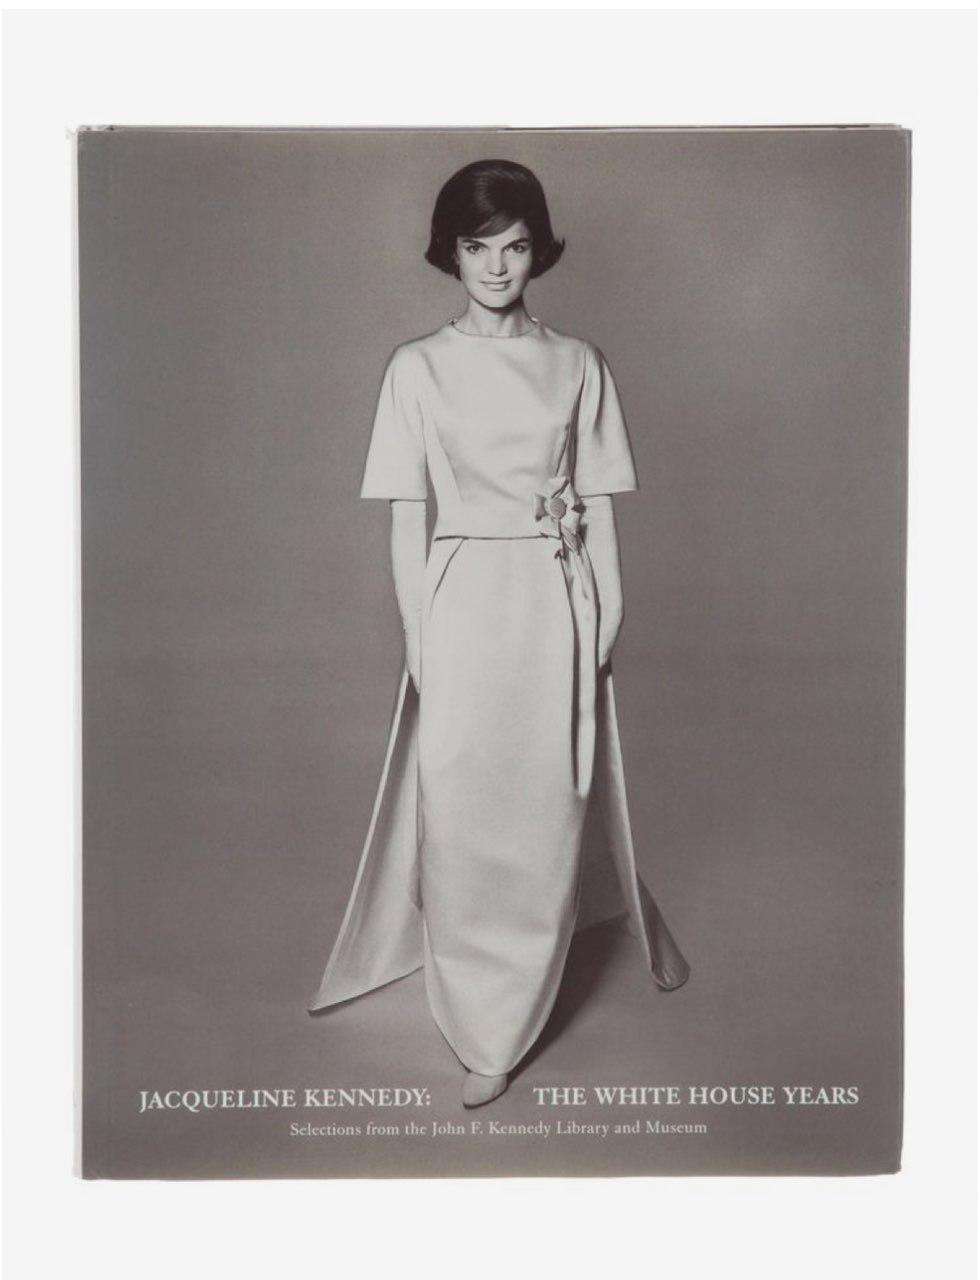 ژاکلین کندی Jacqueline Kennedy